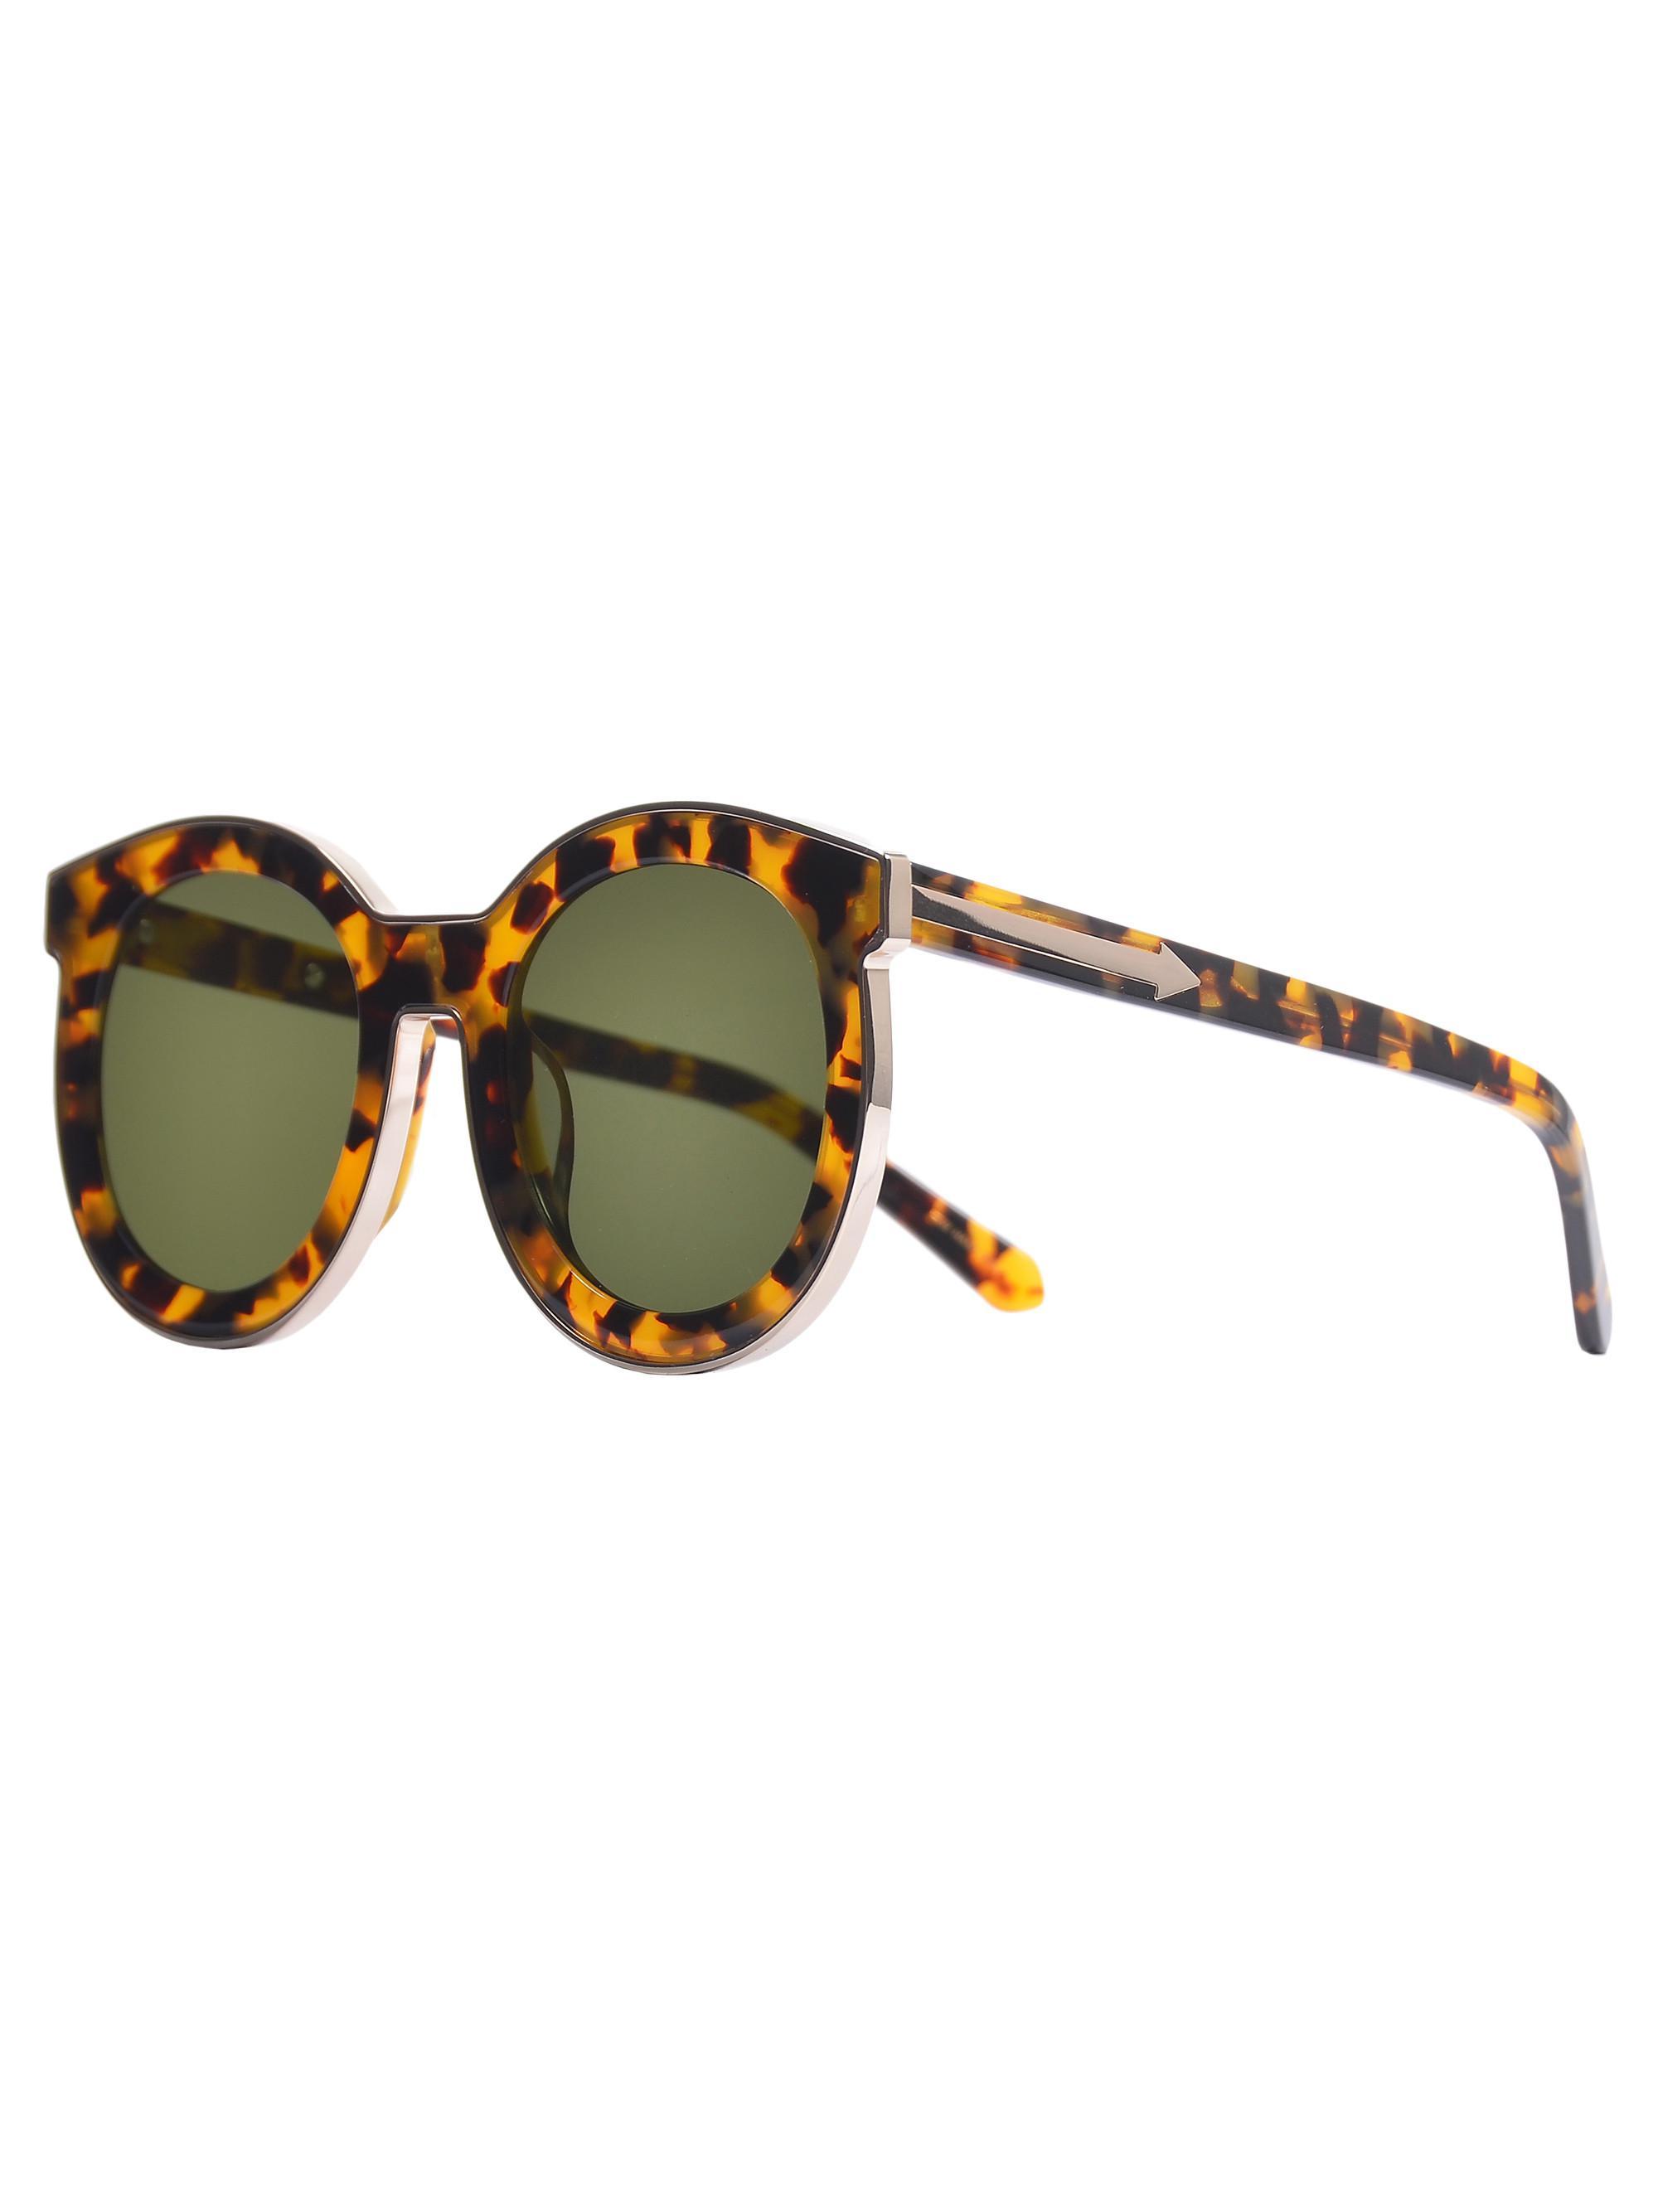 07dfd4a770d8 Lyst - Karen Walker Super Spaceship Sunglasses